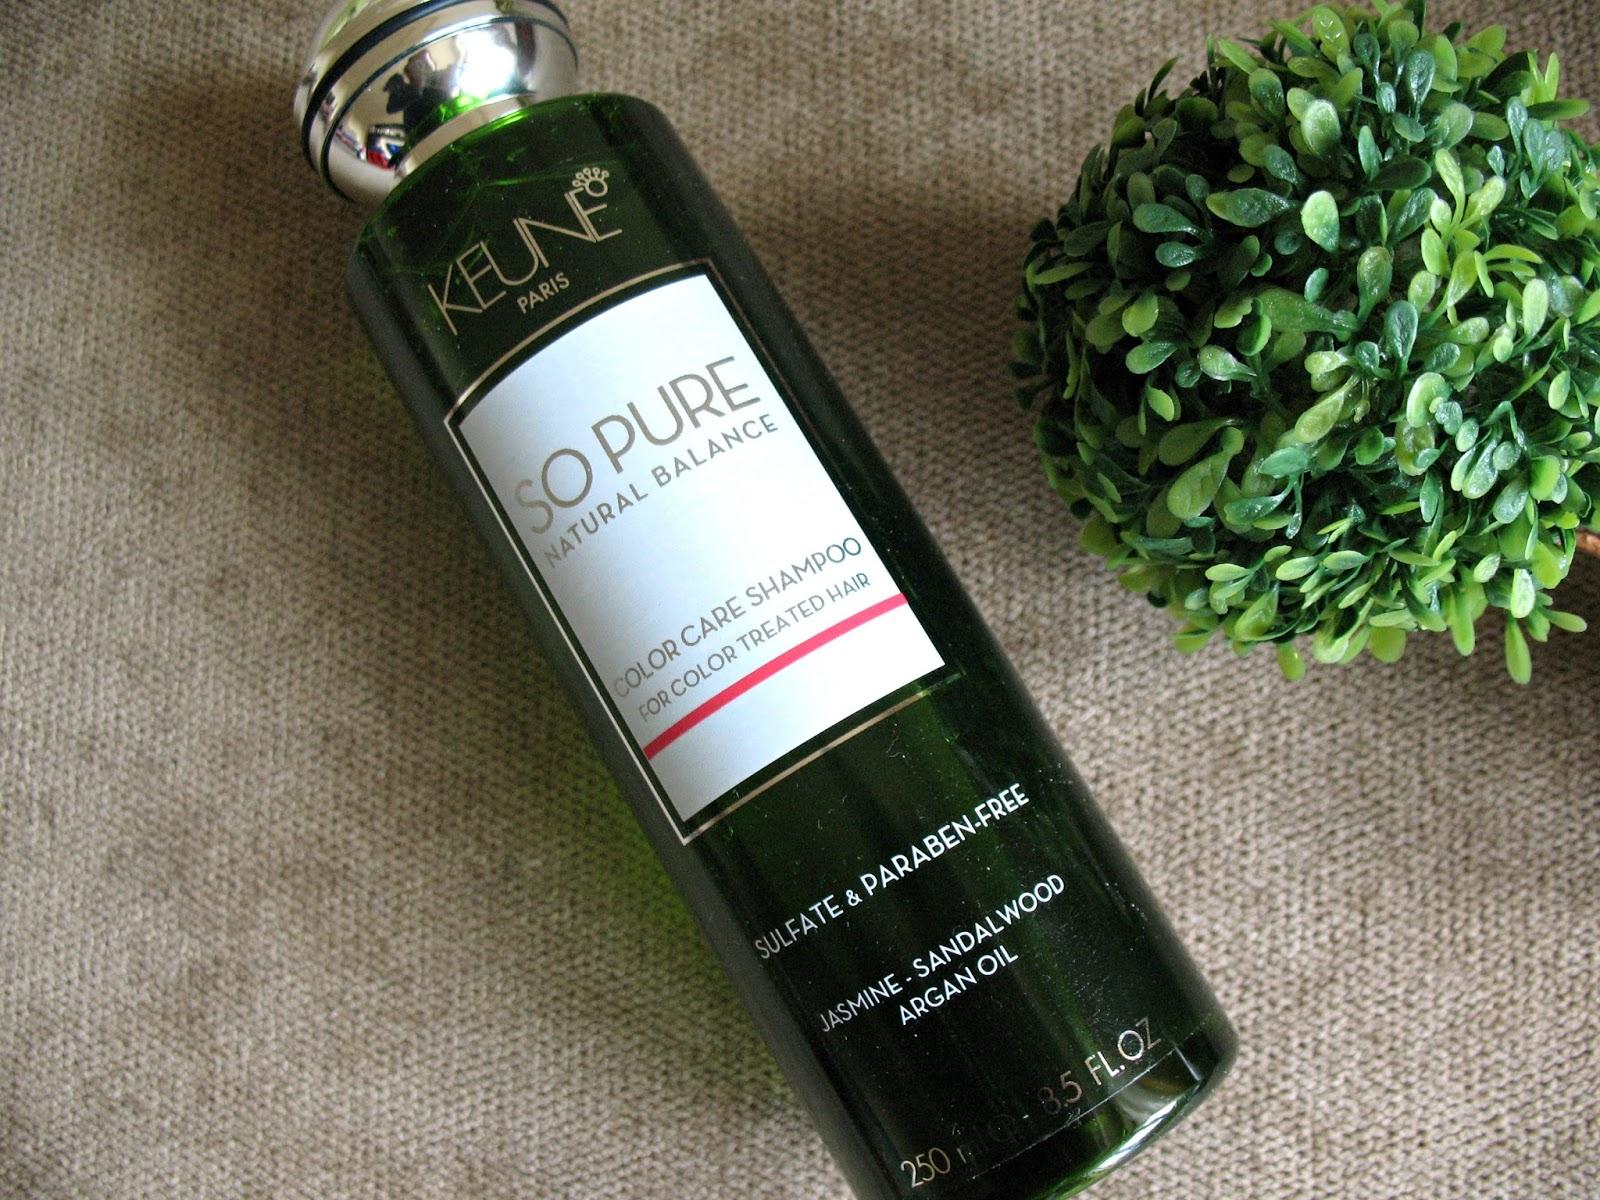 Keune_so_pure_shampoo_color_treated_hair_01